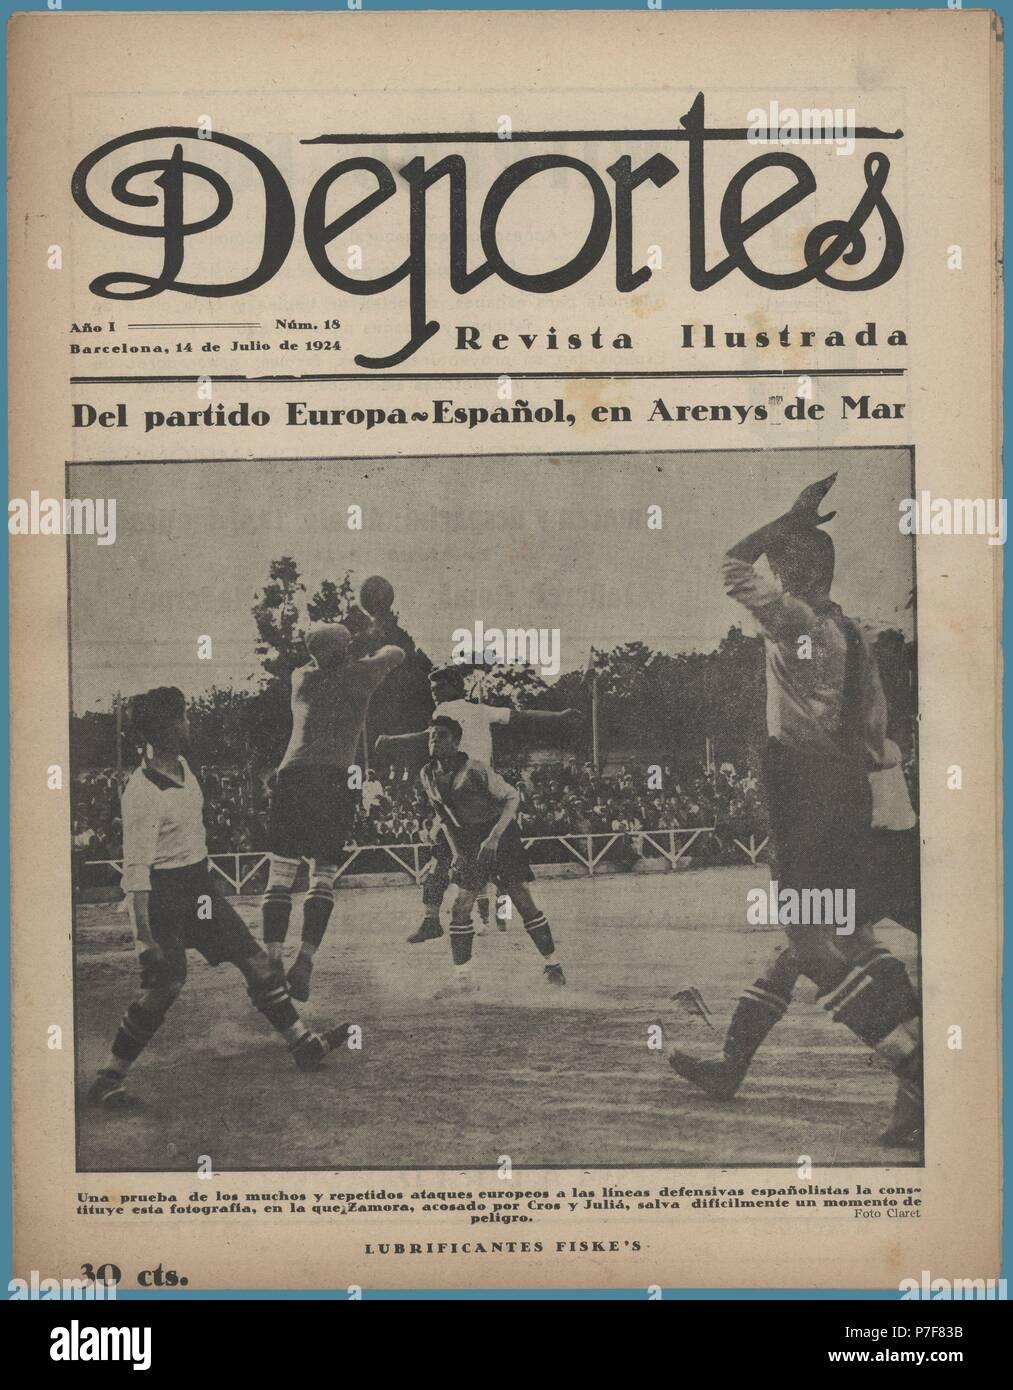 Portada de la revista ilustrada Deportes, editada en Barcelona, junio de 1924. Fotografía tomada durante el partido de futbol entre los equipos del Europa y el Español. - Stock Image